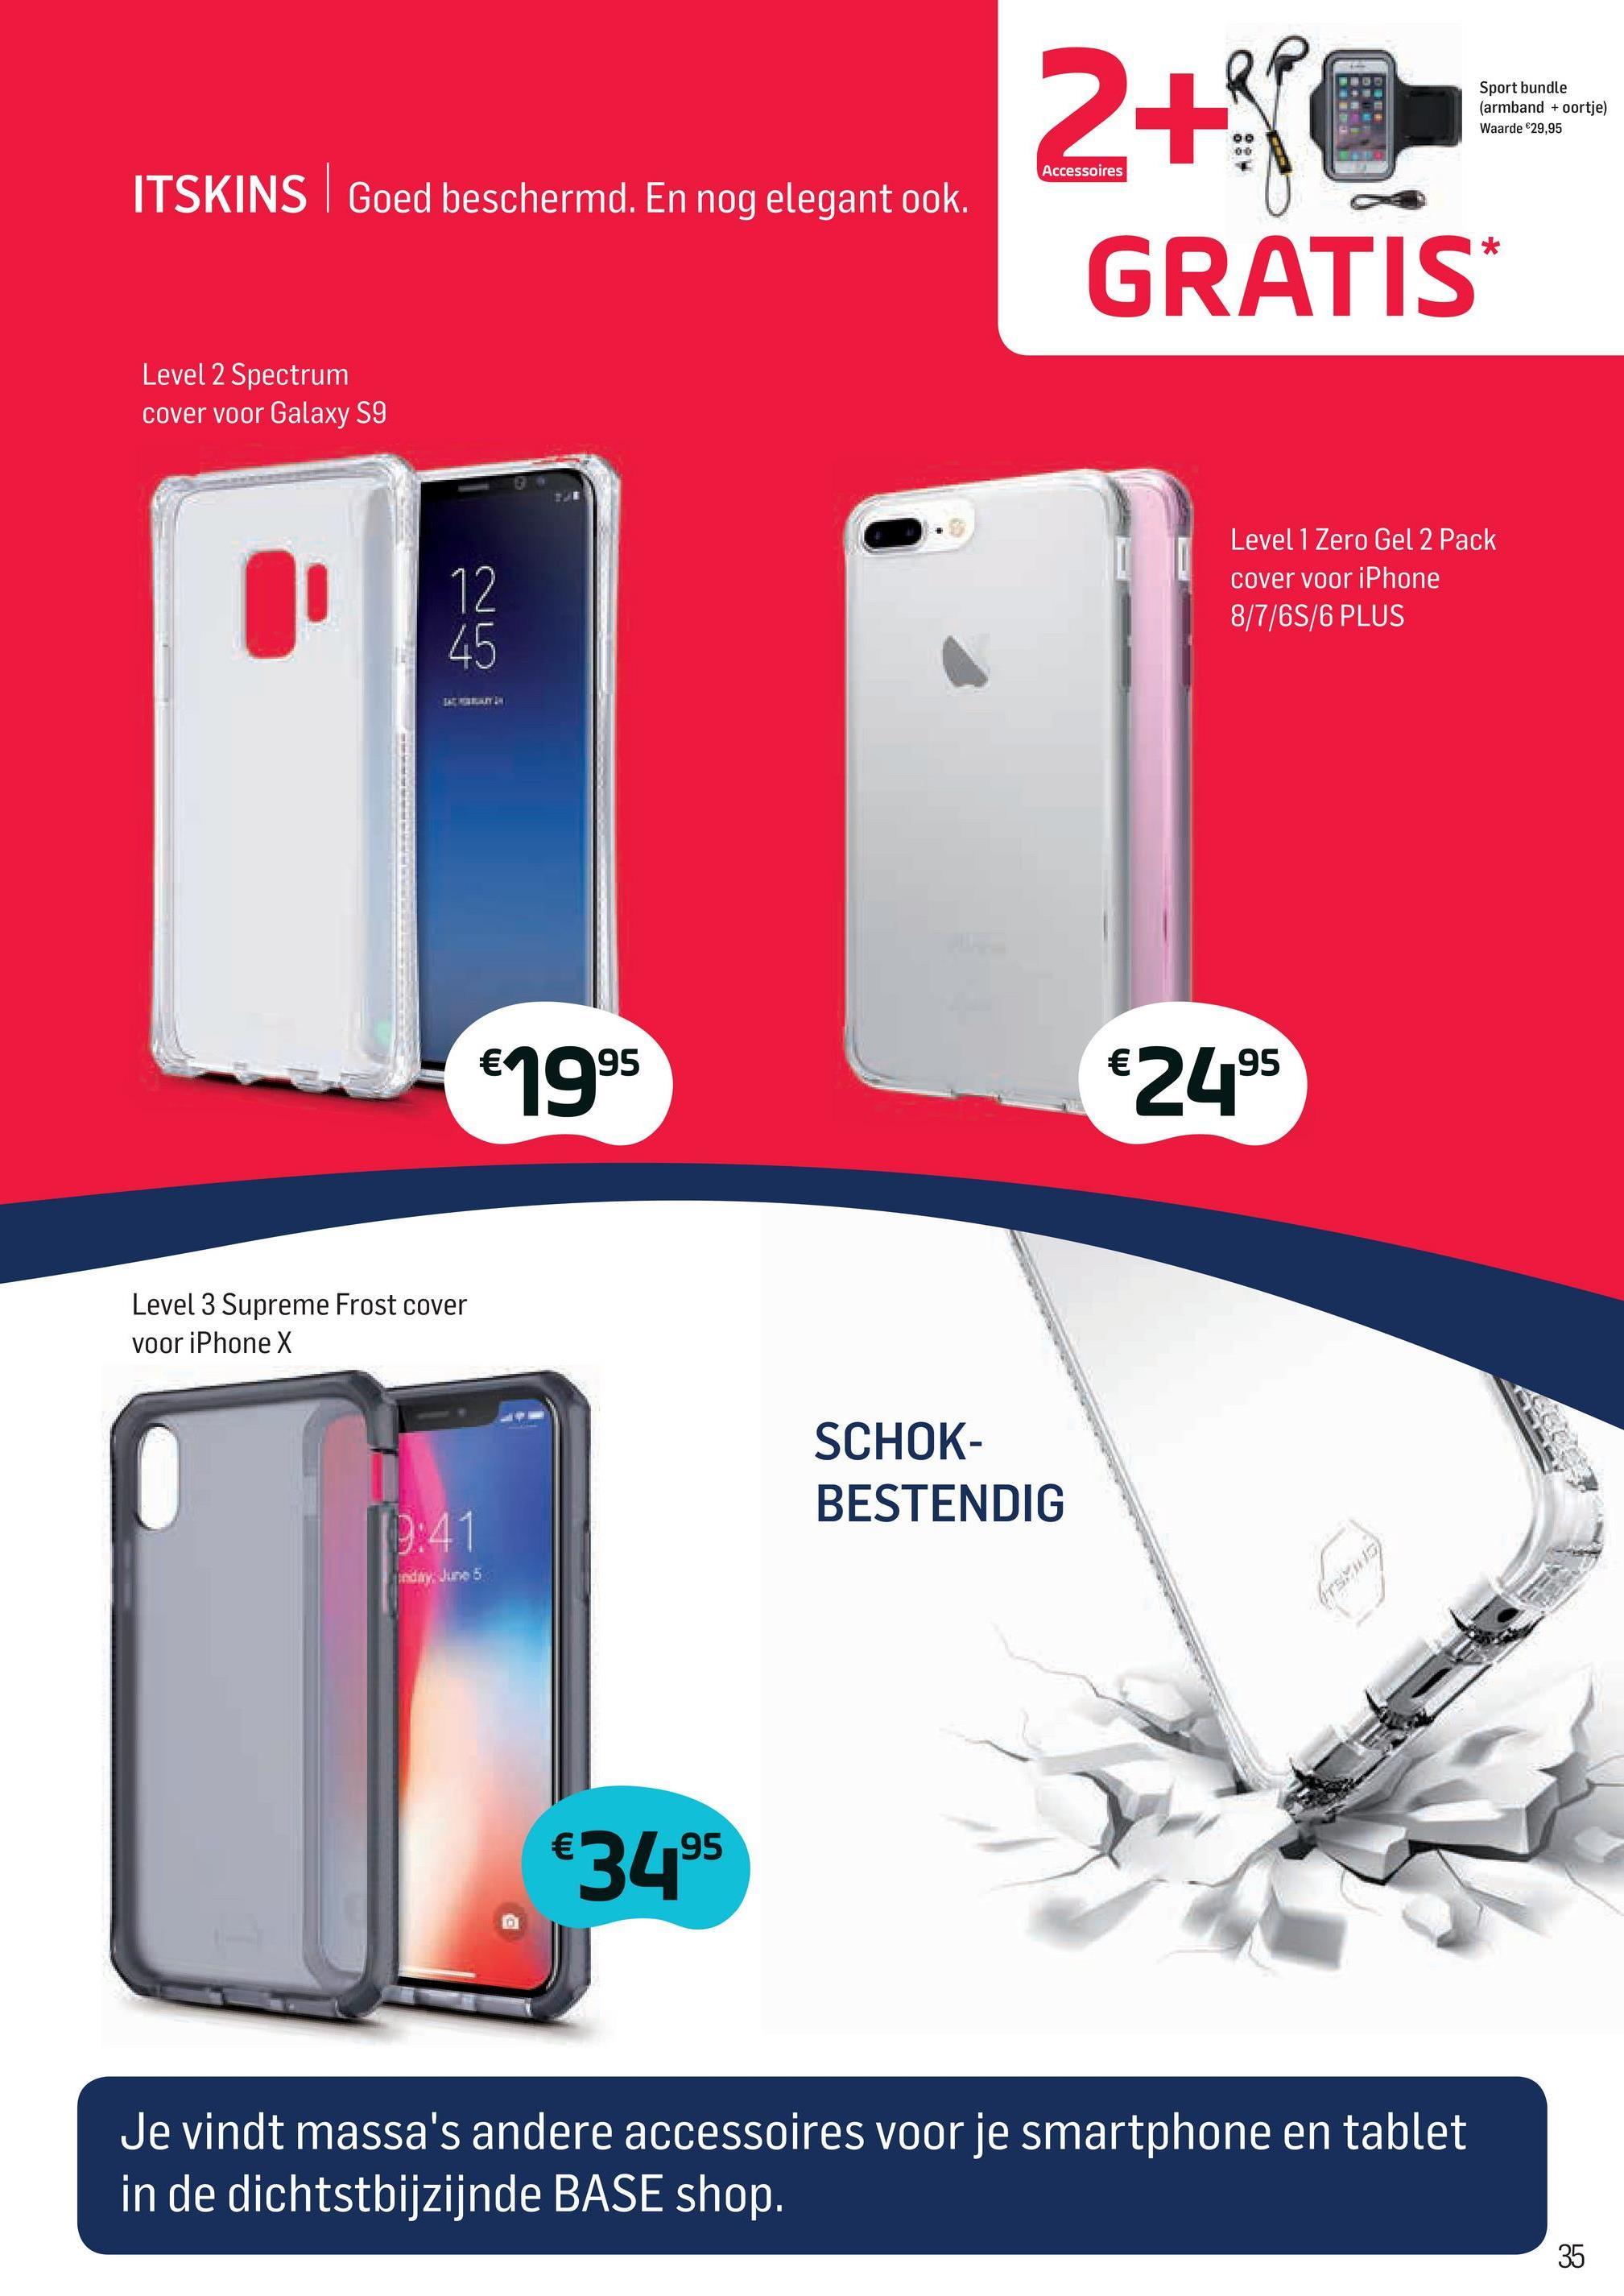 Base folder van 02/04/2018 tot 01/05/2018 - Sport bundle (armband + oortje) Waarde €29,95 Accessoires ITSK oed beschermd. En nog elegant ook. 2+370 GRATIS Level 2 Spectrum cover voor Galaxy S9 Level 1 Zero Gel 2 Pack cover voor iPhone 8/7/6S/6 PLUS | AN €1995 €2495 Level 3 Supreme Frost cover voor iPhone X SCHOK- BESTENDIG edir5 LU €3495 Je vindt massa's andere accessoires voor je smartphone en tablet in de dichtstbijzijnde BASE shop.